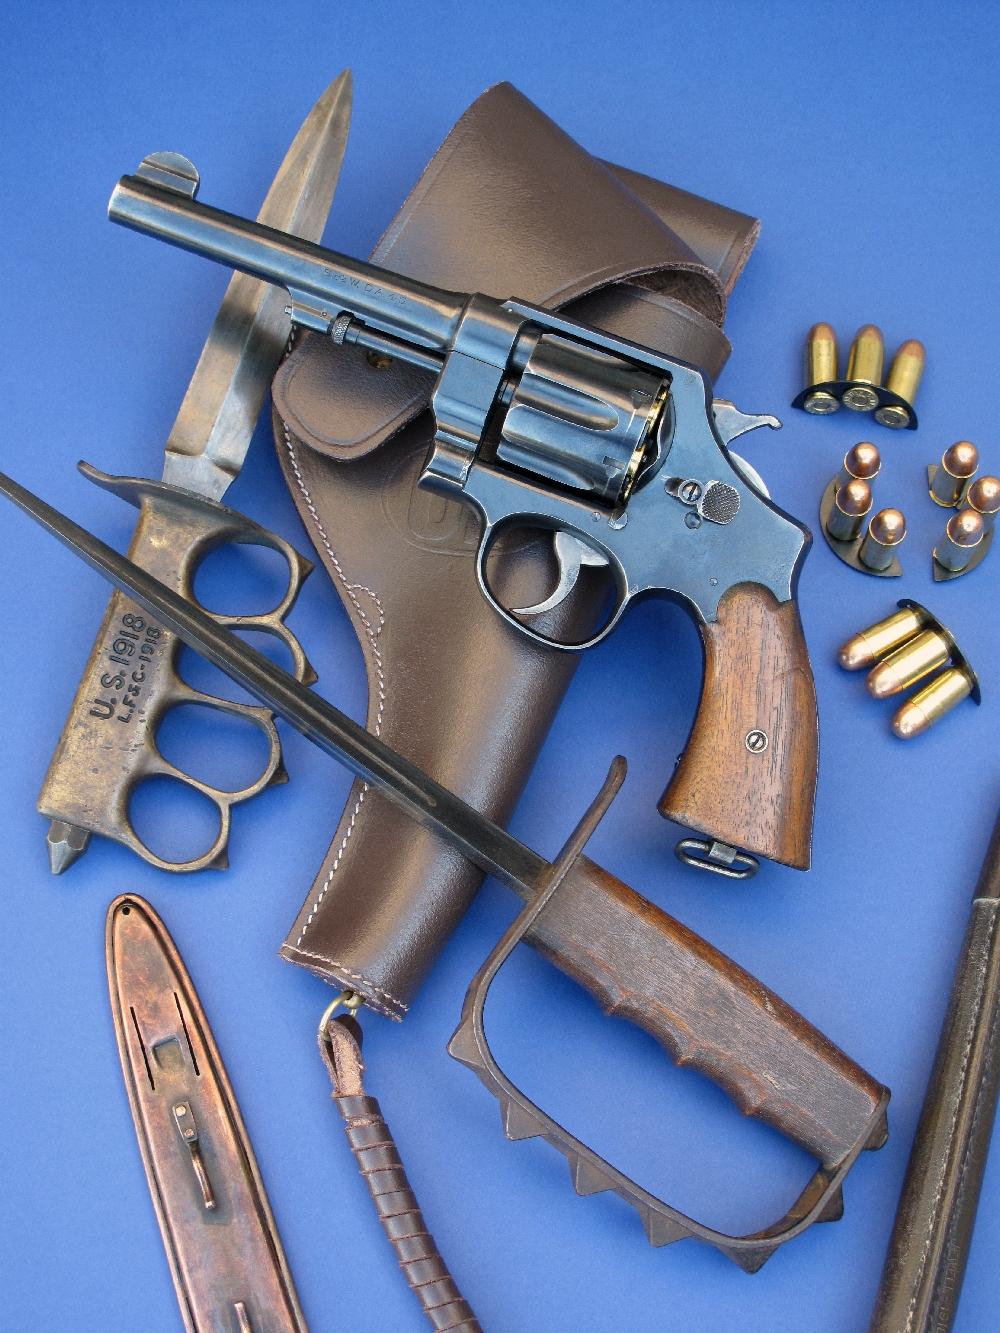 Le revolver S&W modèle 1917 que nous avons testé est accompagné ici de son holster en cuir (copie), de clips chargeurs en demi-lune (copies) garnis de cartouches modernes de calibre .45 ACP et des poignards de tranchée américains modèles 1917 et 1918 (authentiques), prêtés par la maison AAS (www.aassniper98.com).